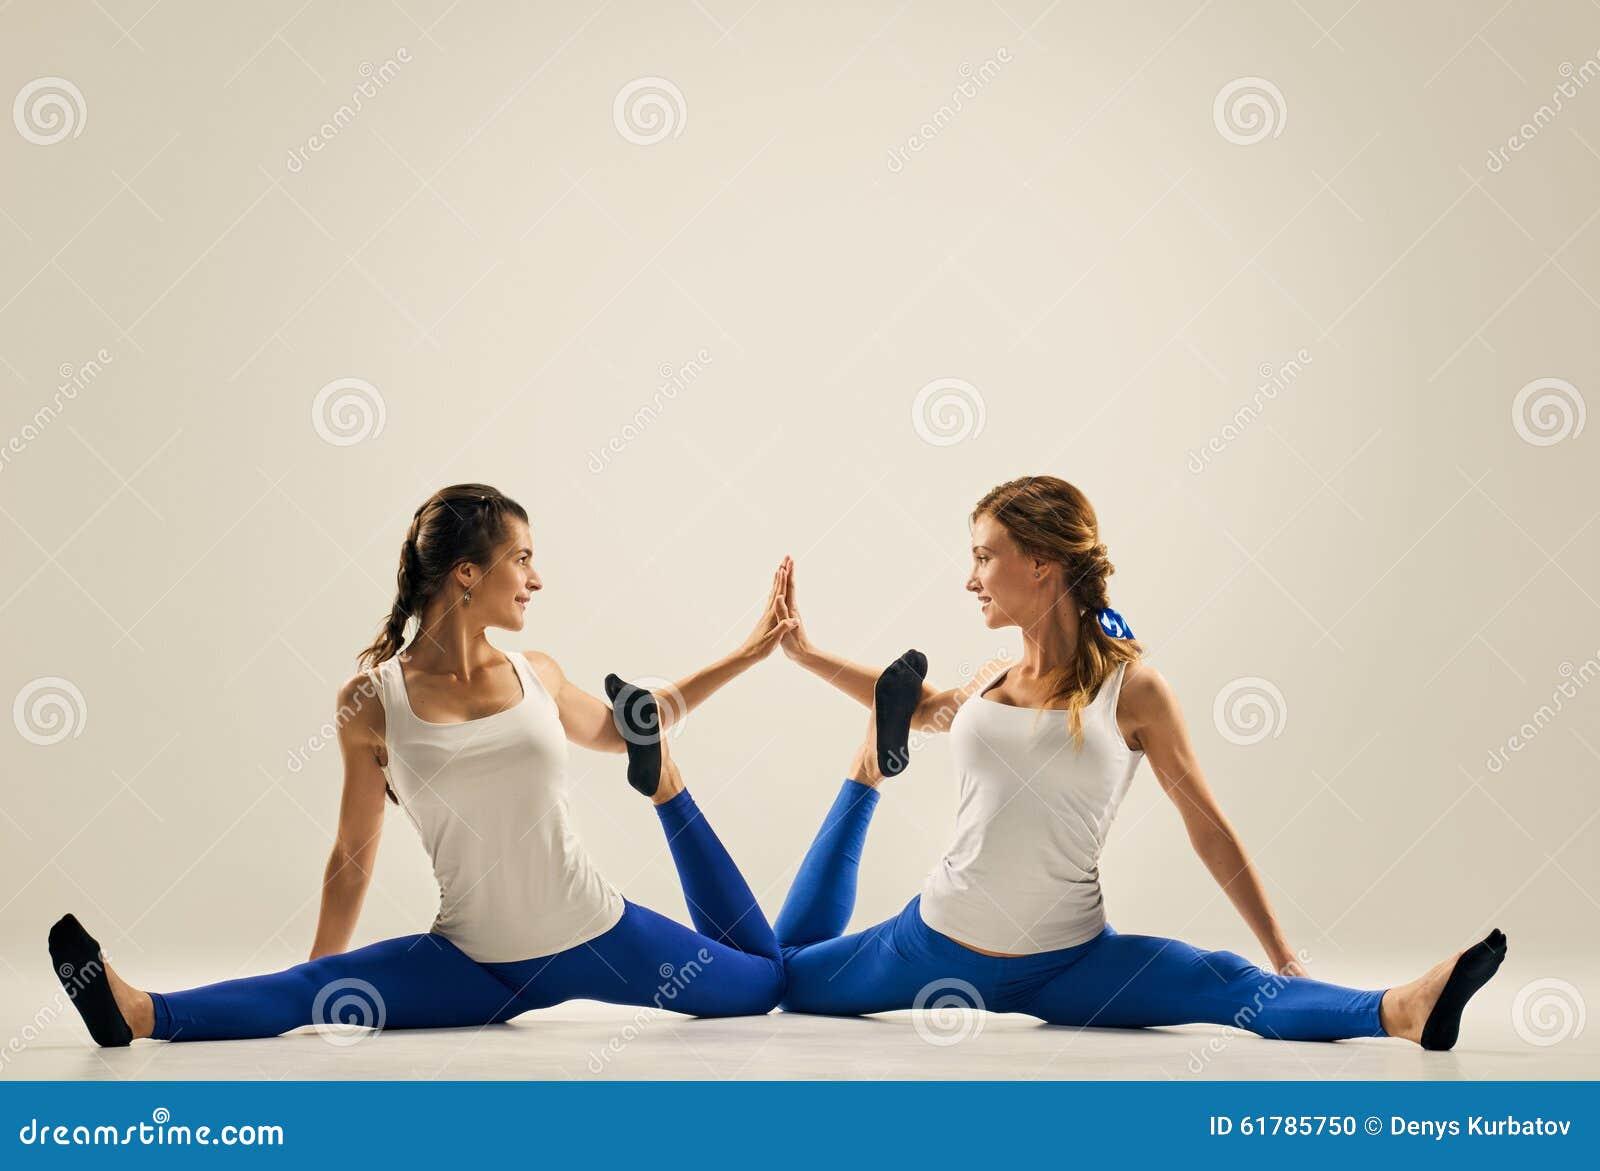 Yoga In Pair. Partner Splits Stock Photo - Image of asana ...